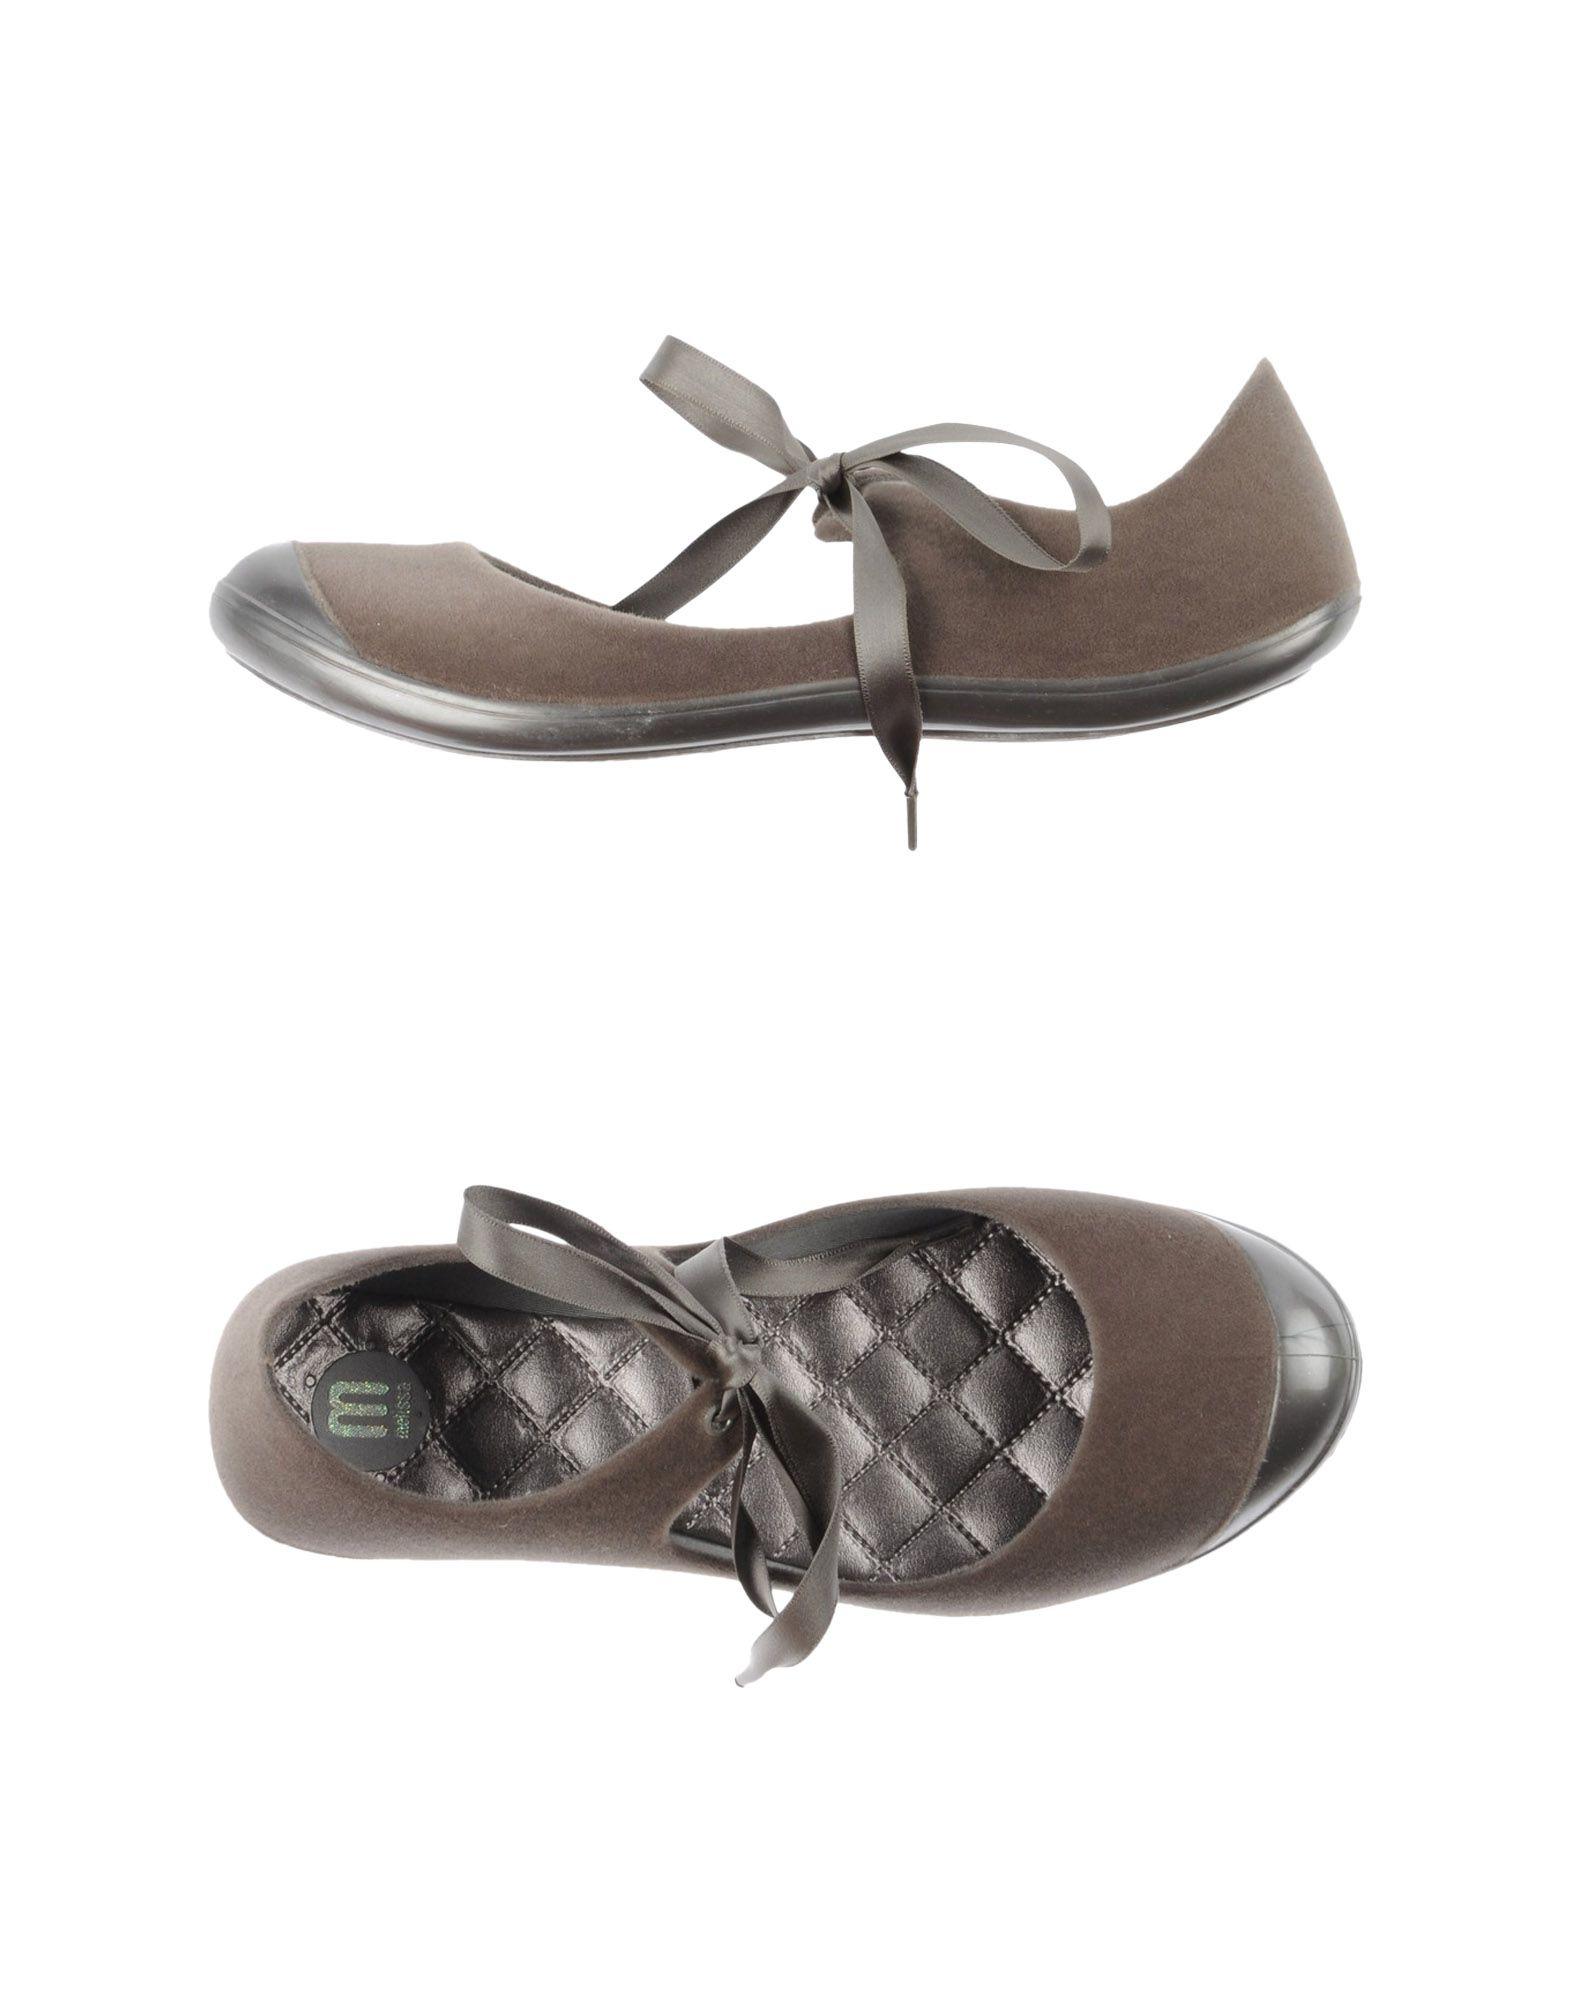 мужские сандалии фото